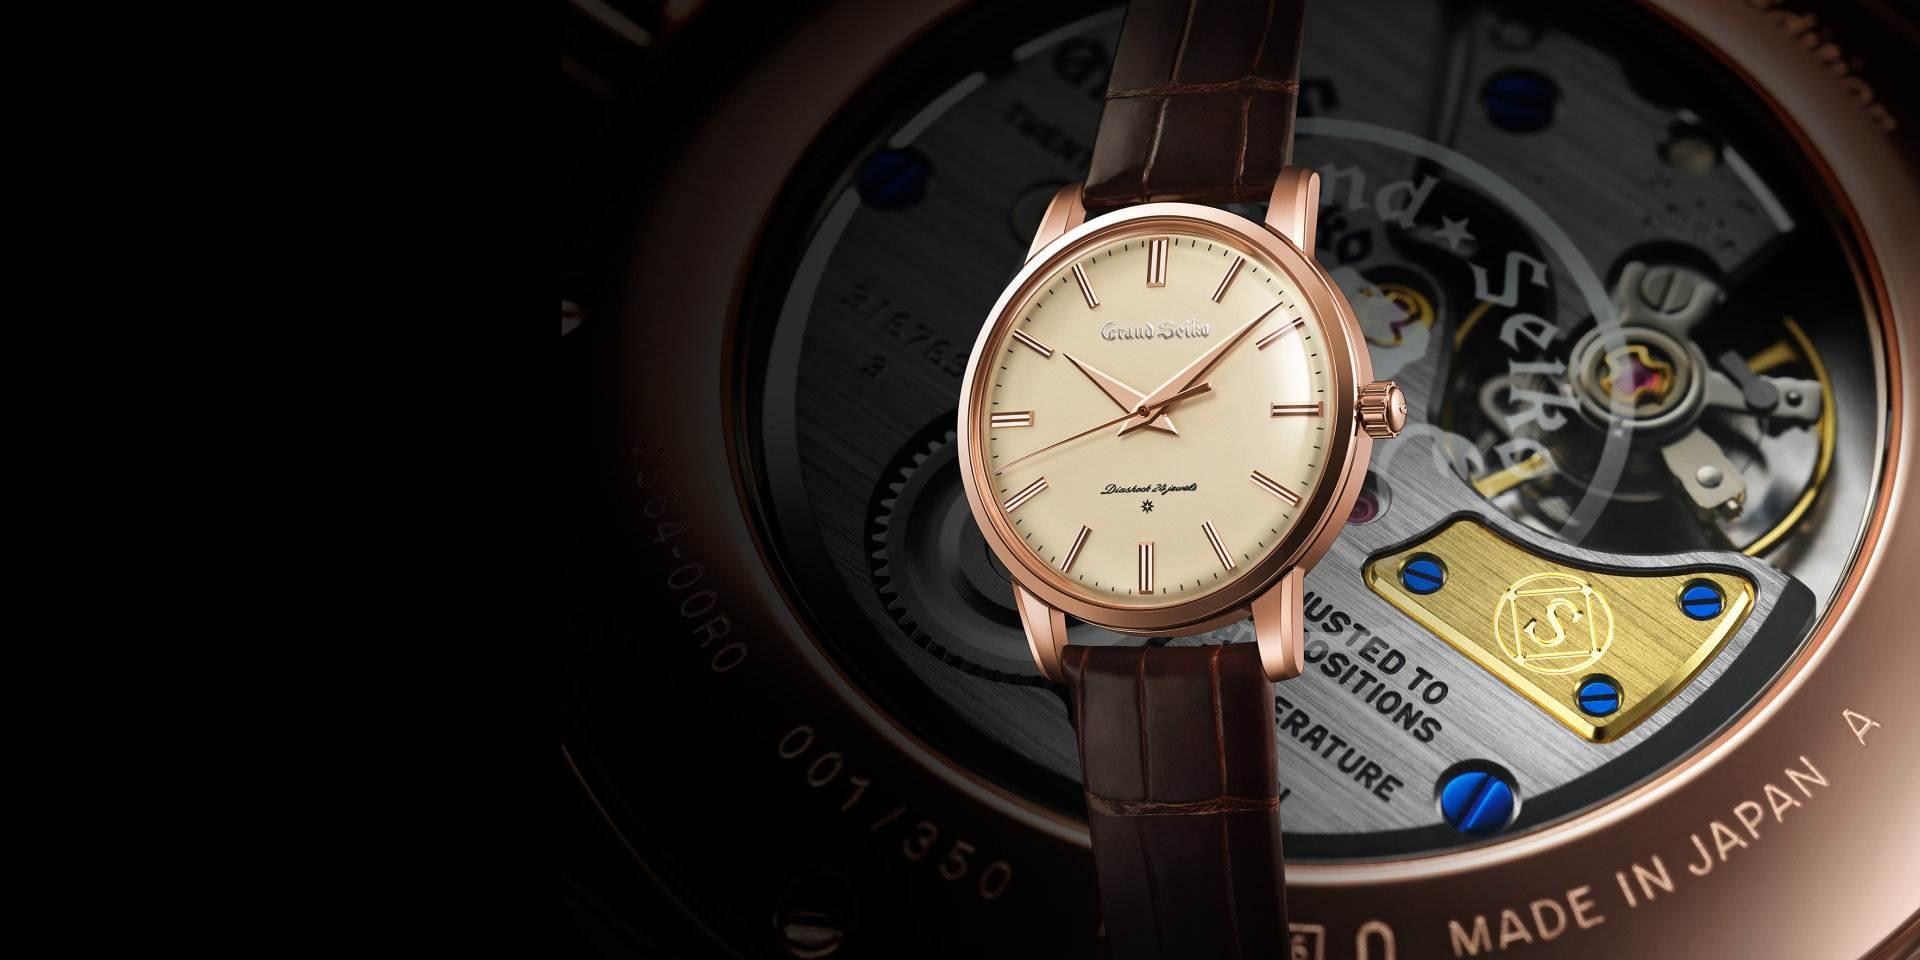 重現初代風采的18K玫瑰金腕錶:GRAND SEIKO SEIKO創立140週年紀念限量款SBGW260